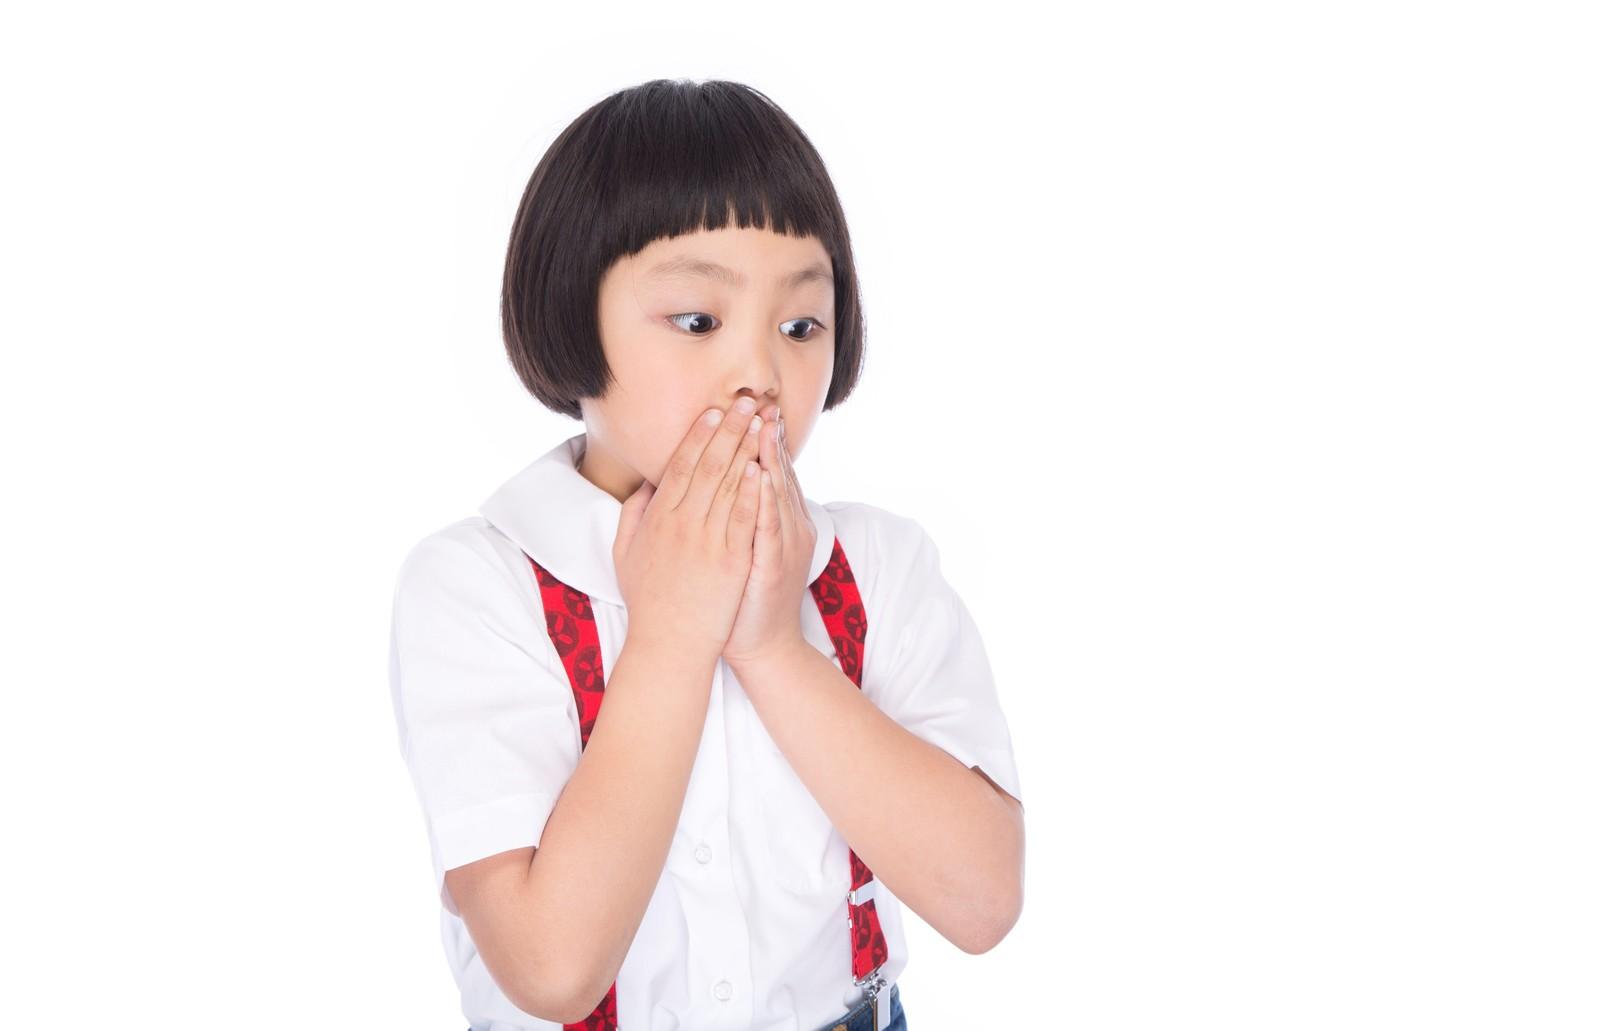 子どもの人権問題(児童虐待)